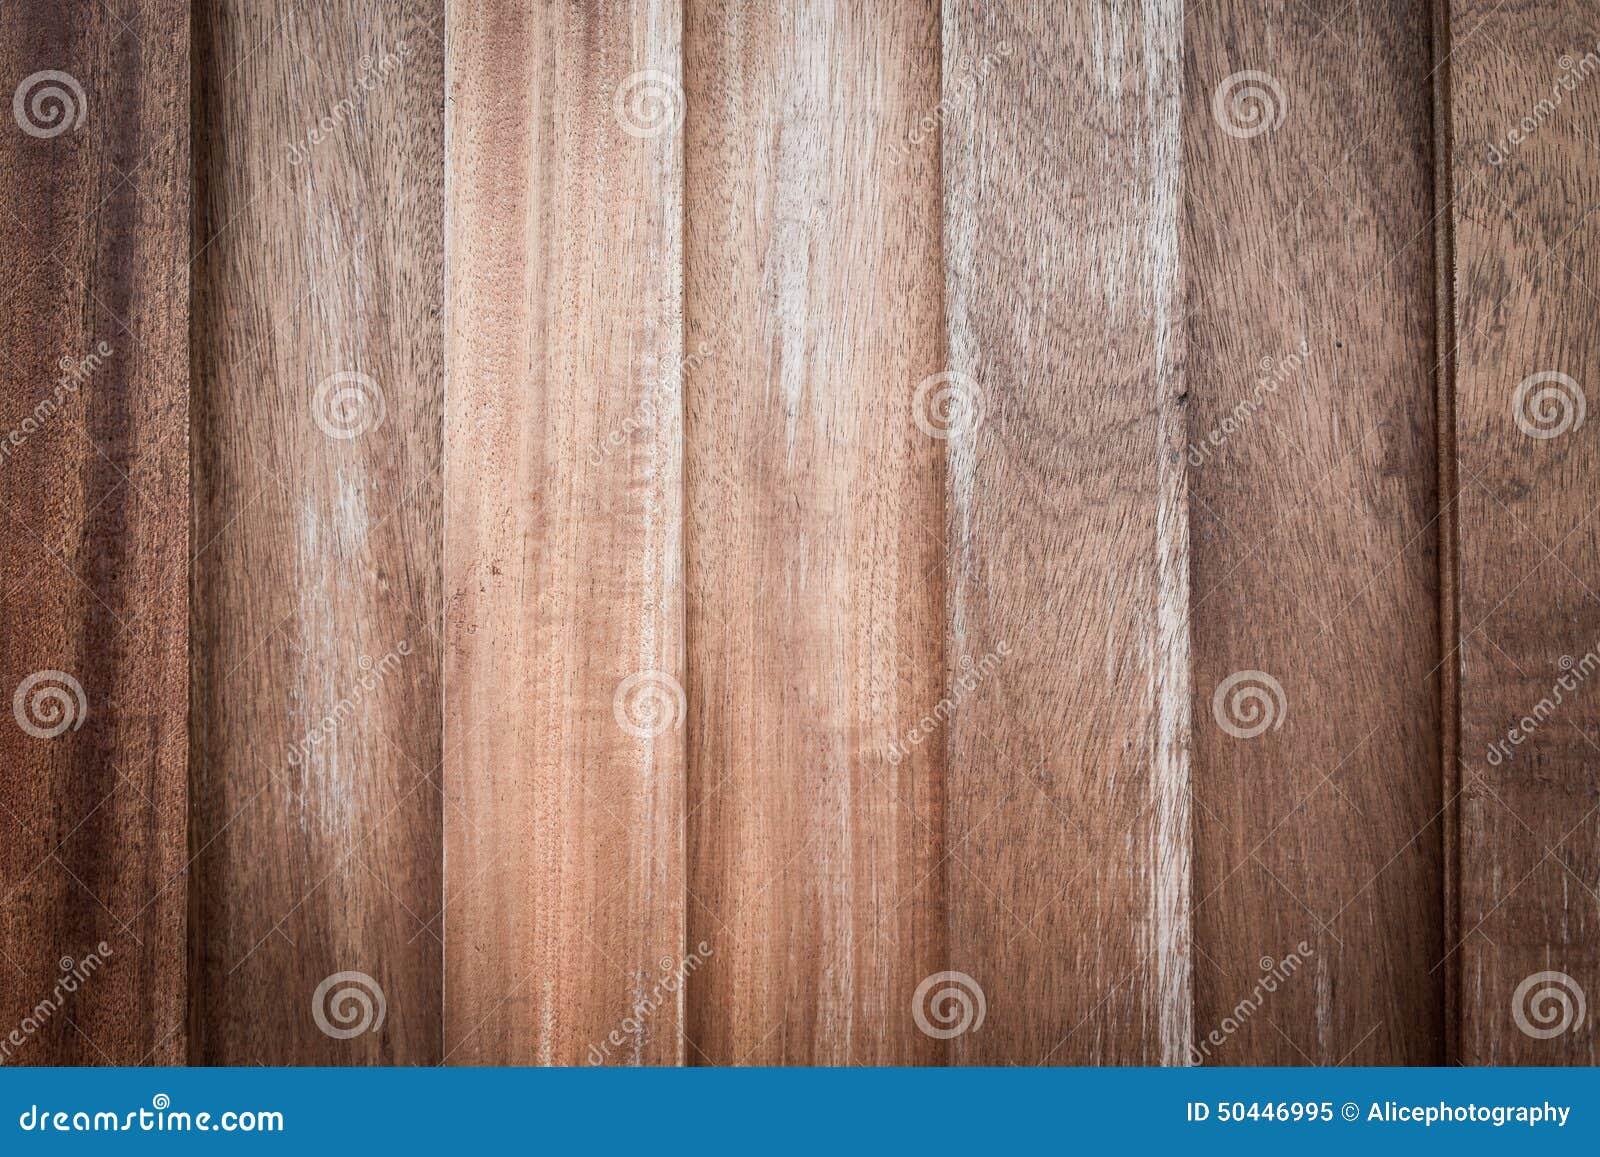 La Planche En Bois En Bois Avec Des Noeuds, Mod u00e8le De Vieux Brun Naturel A Vieilli Photo stock  # Planche Vieux Bois